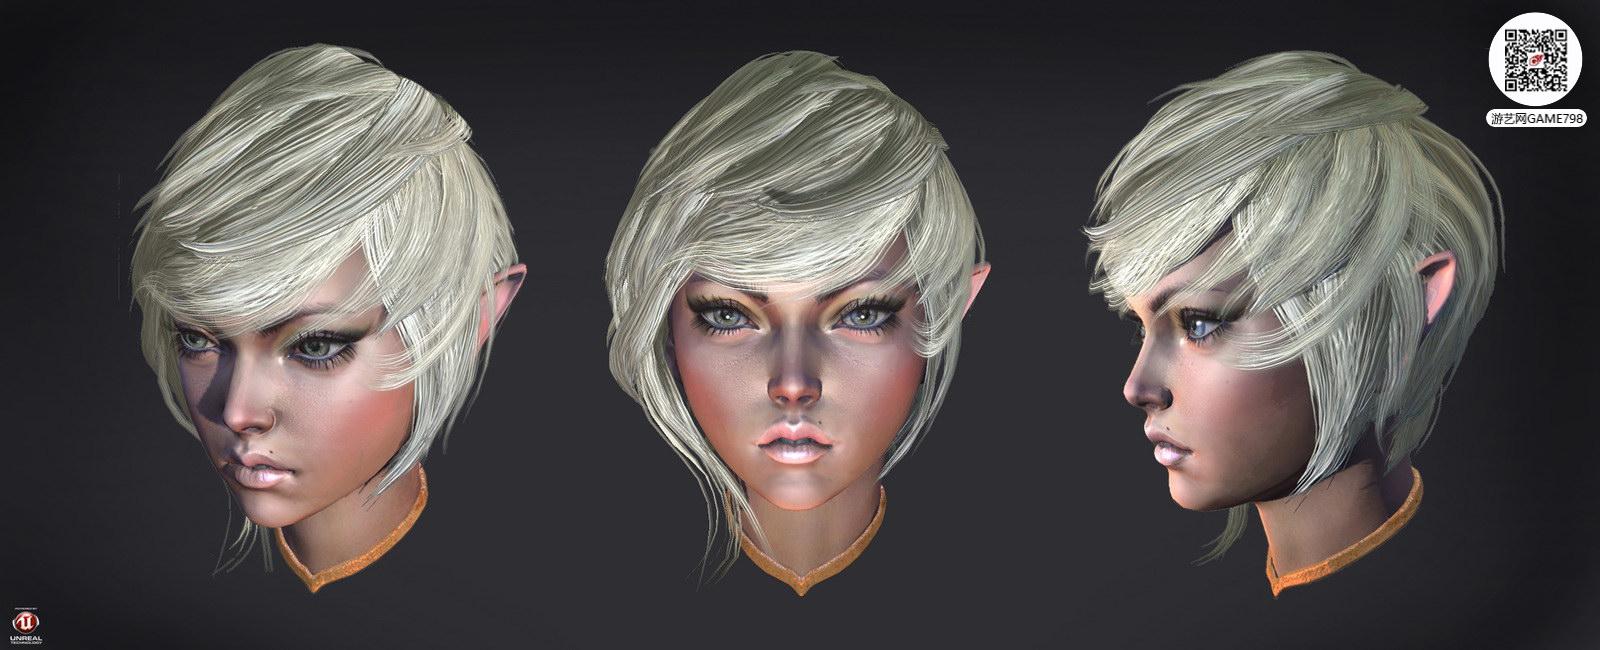 次世代人物头像3D模型下载